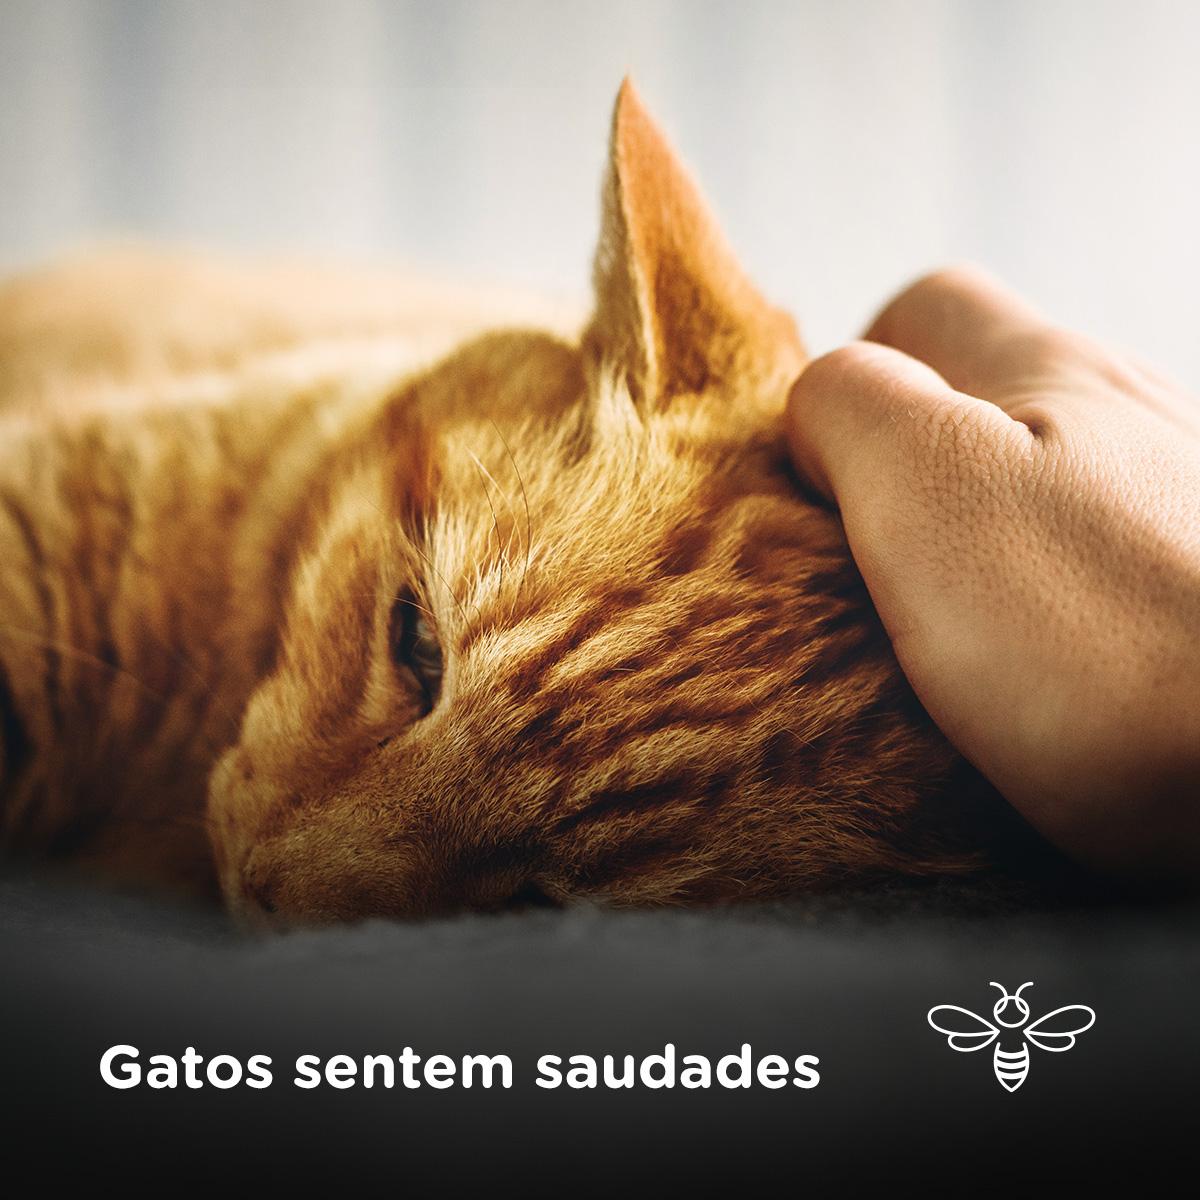 Gatos sentem saudades